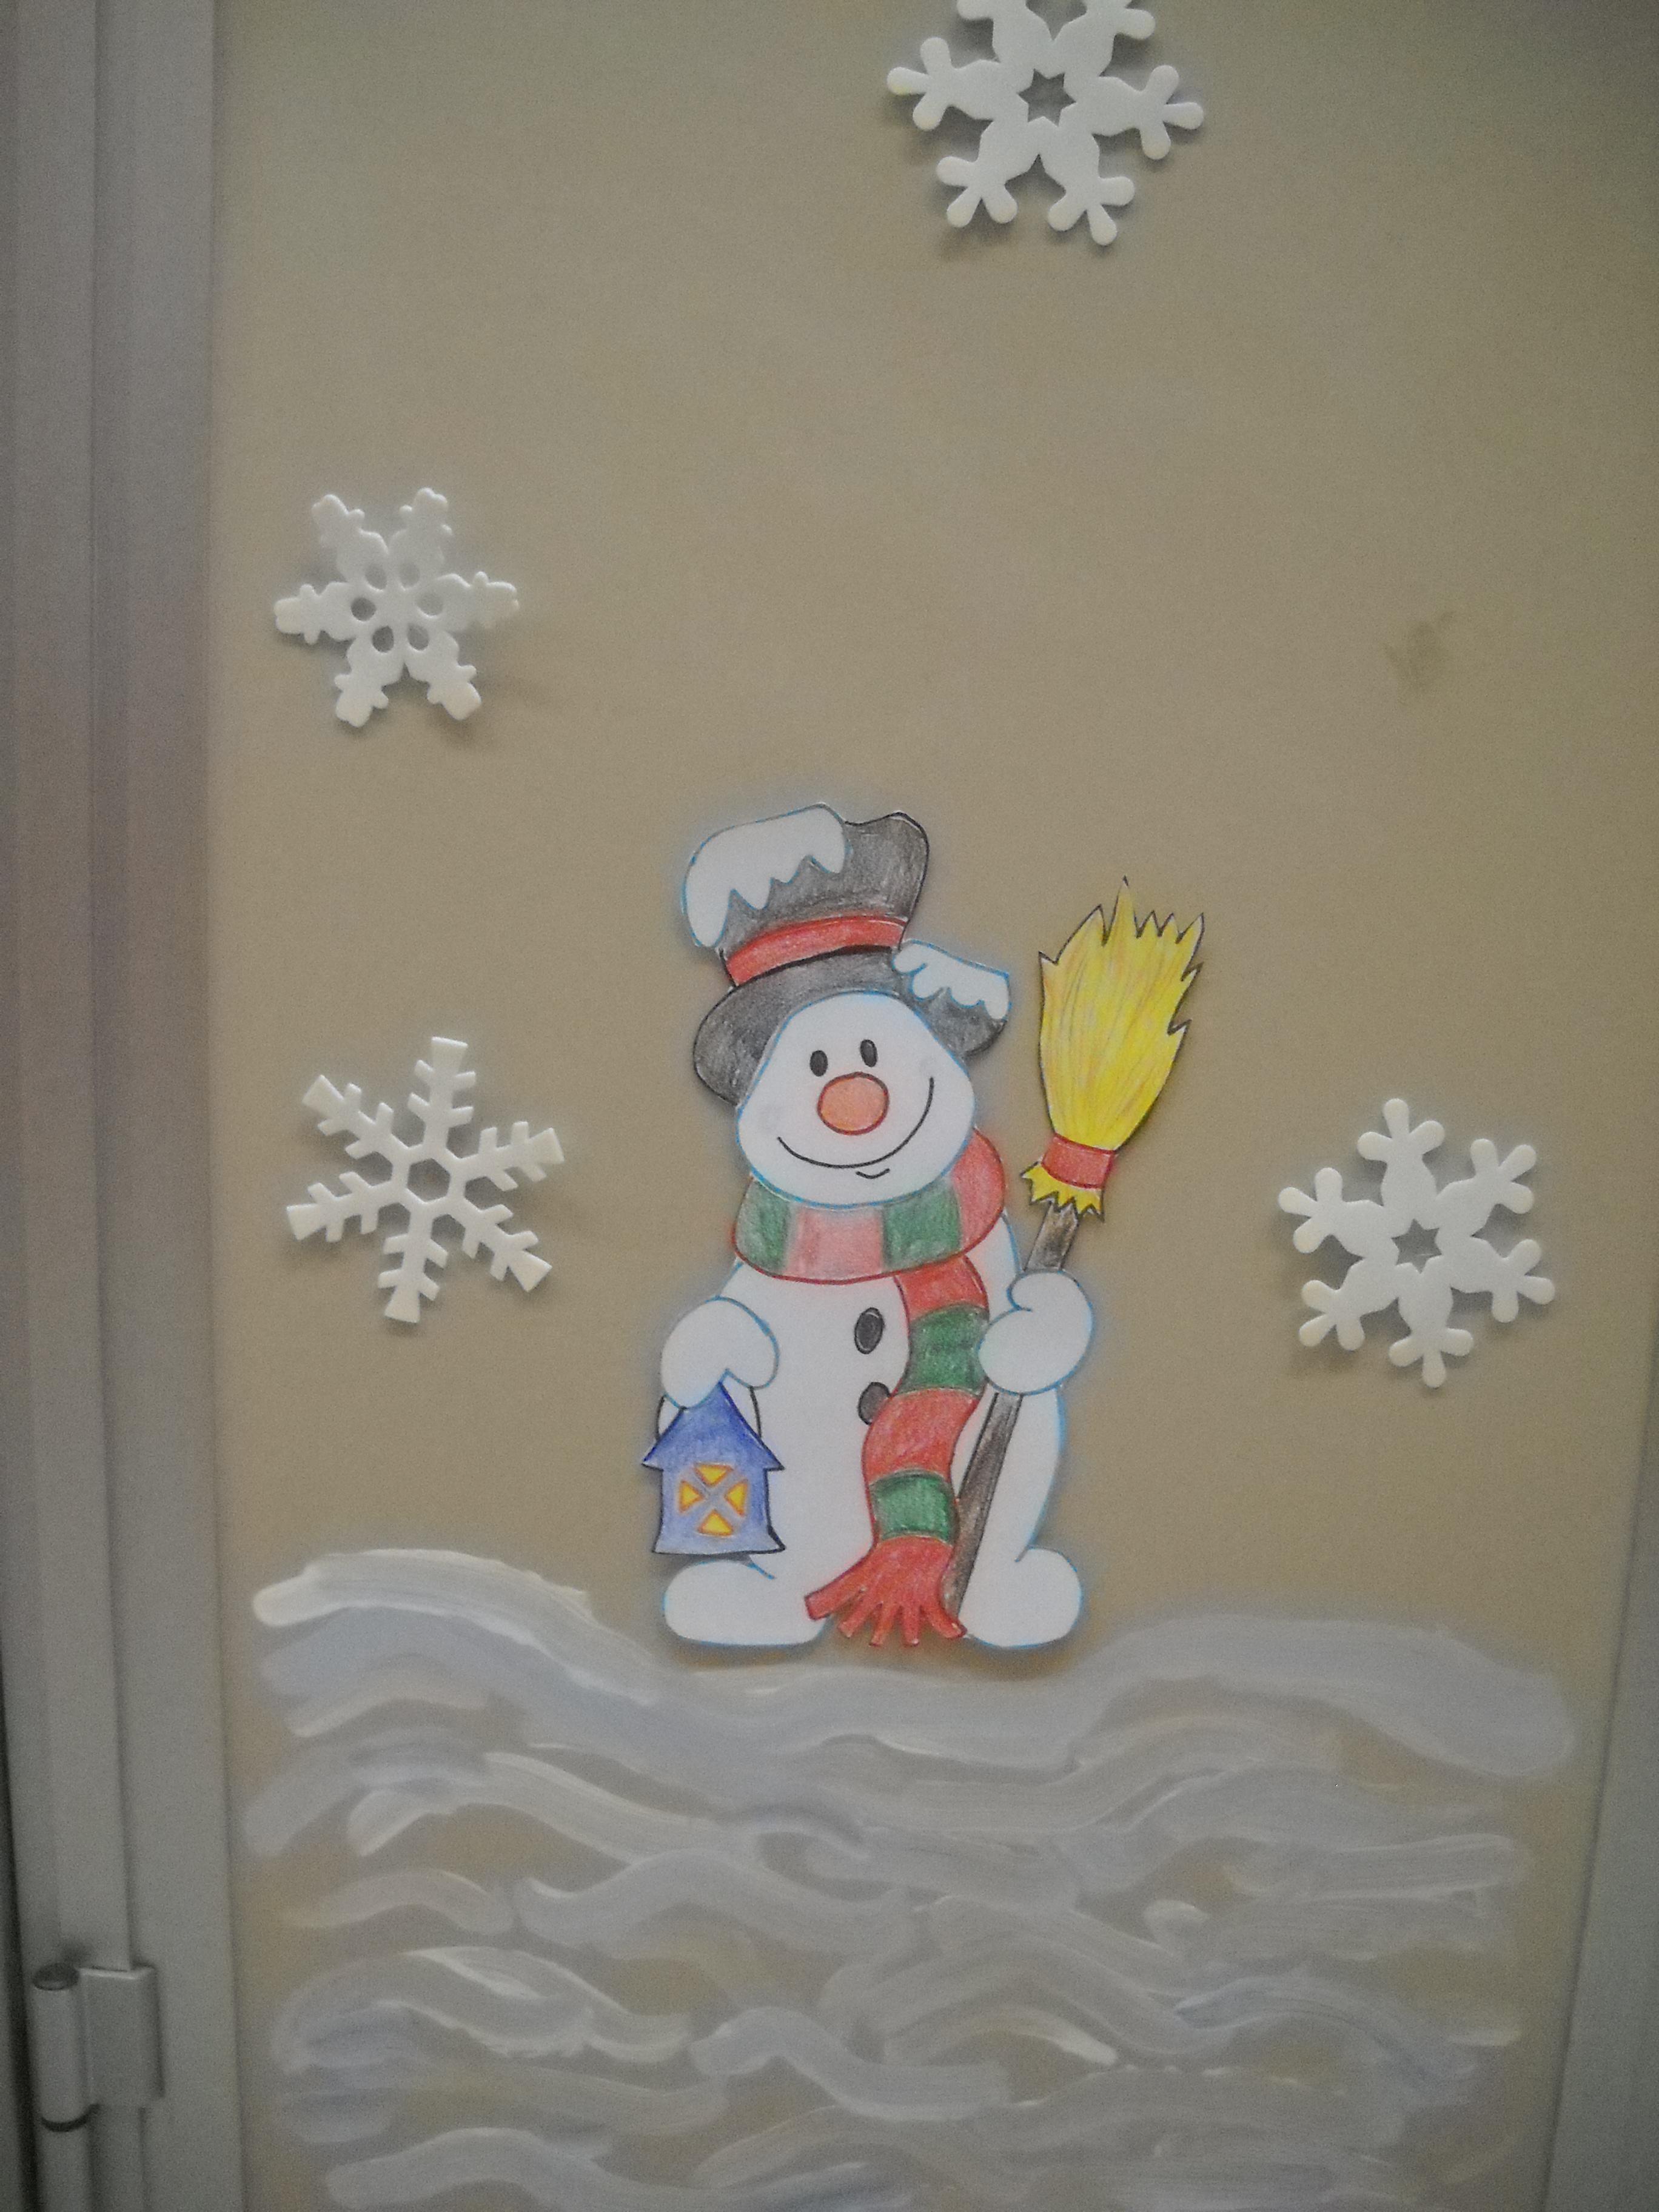 Lavoretti inverno maestramaria - Addobbi natalizi per finestre scuola infanzia ...